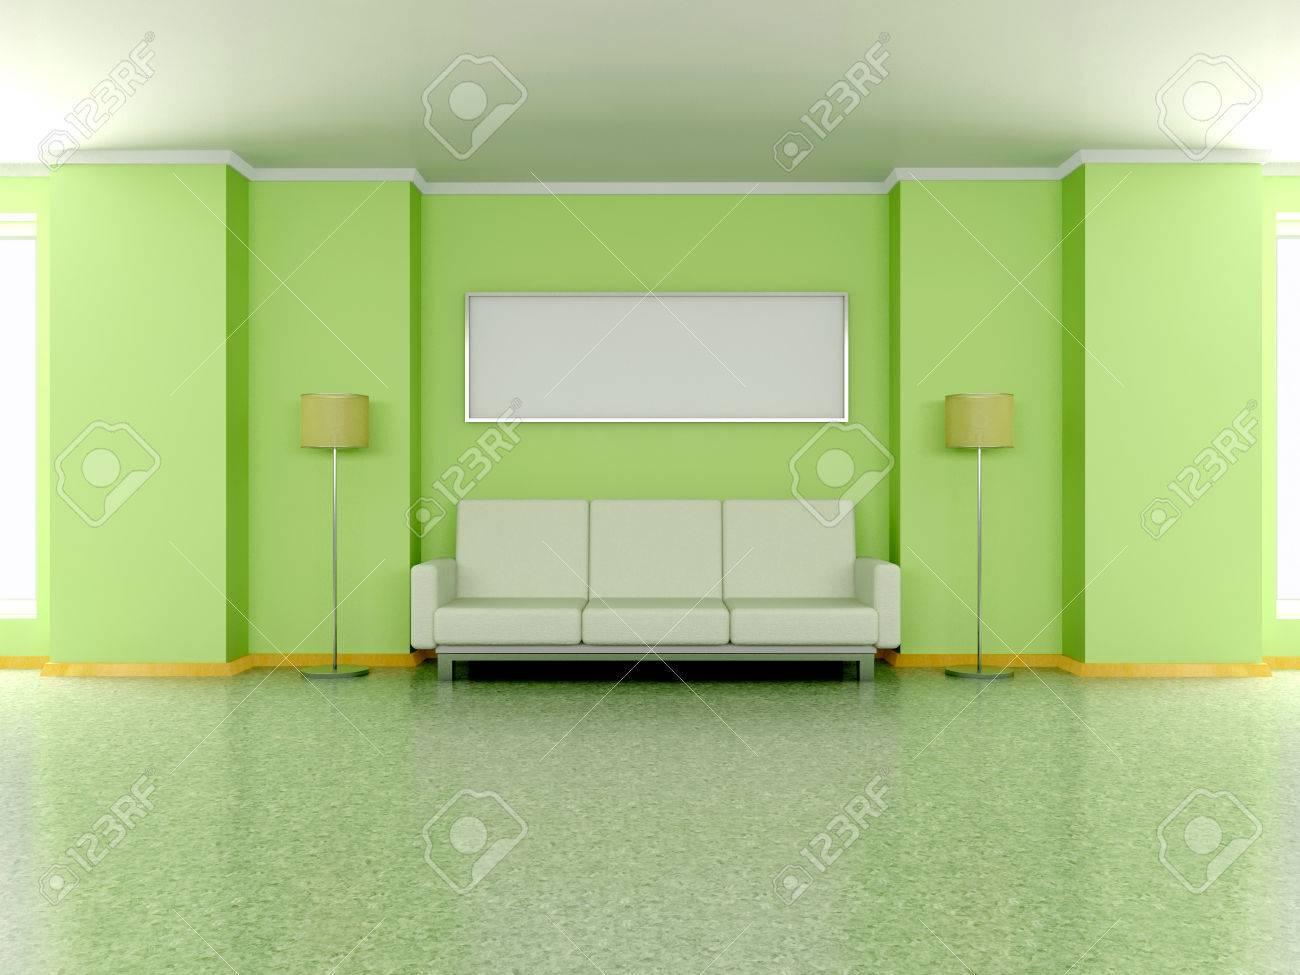 Intérieur De La Maison Moderne Avec Canapé Près De La Pea Mur Vert Lampe De Sol Et La Peinture 3d